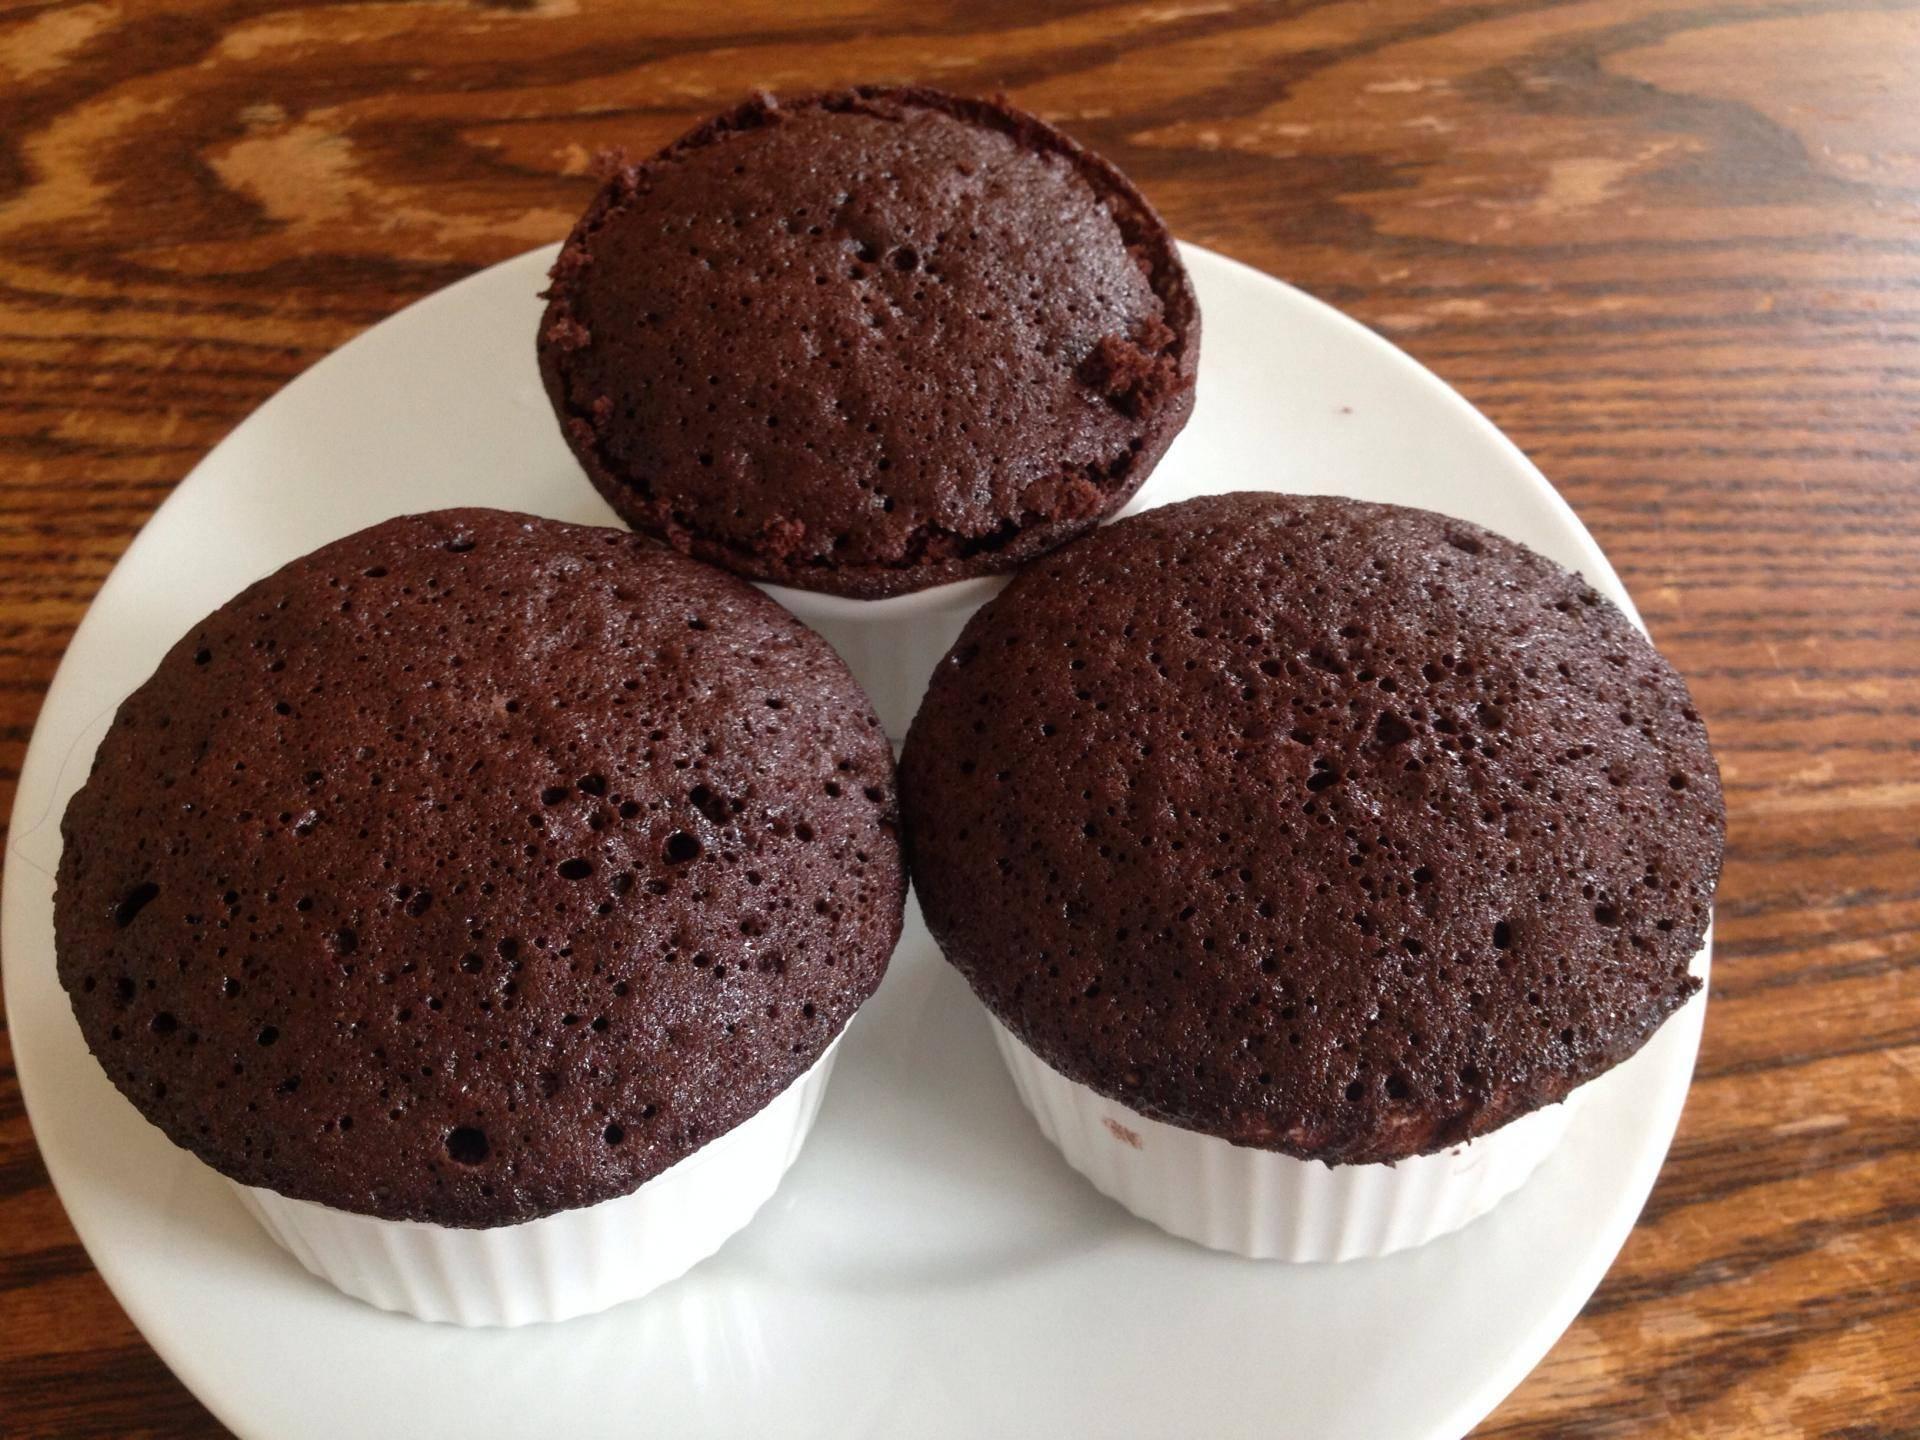 Шоколадные маффины: классический рецепт – как приготовить с начинкой внутри из какао